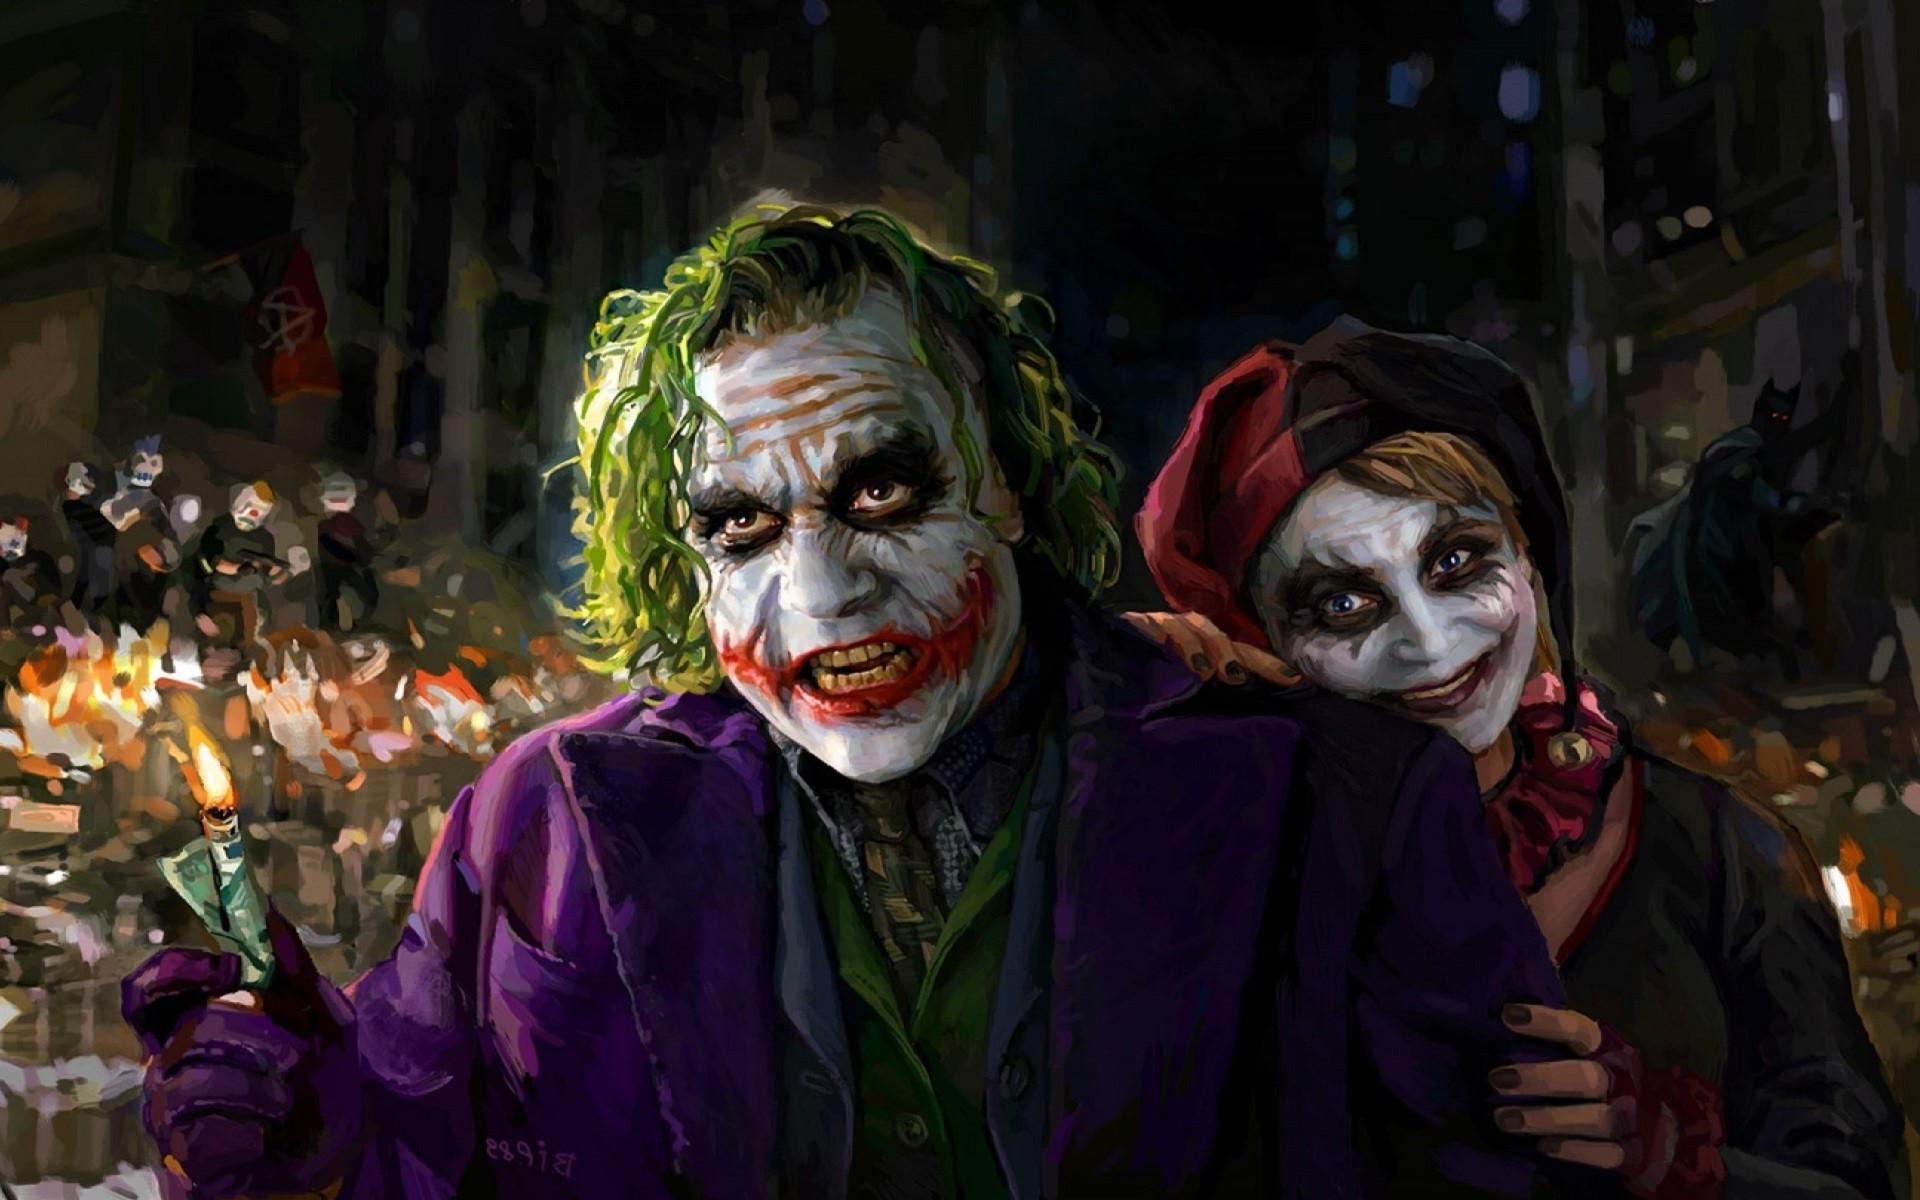 Joker And Harley Quinn Wallpaper 71 Images